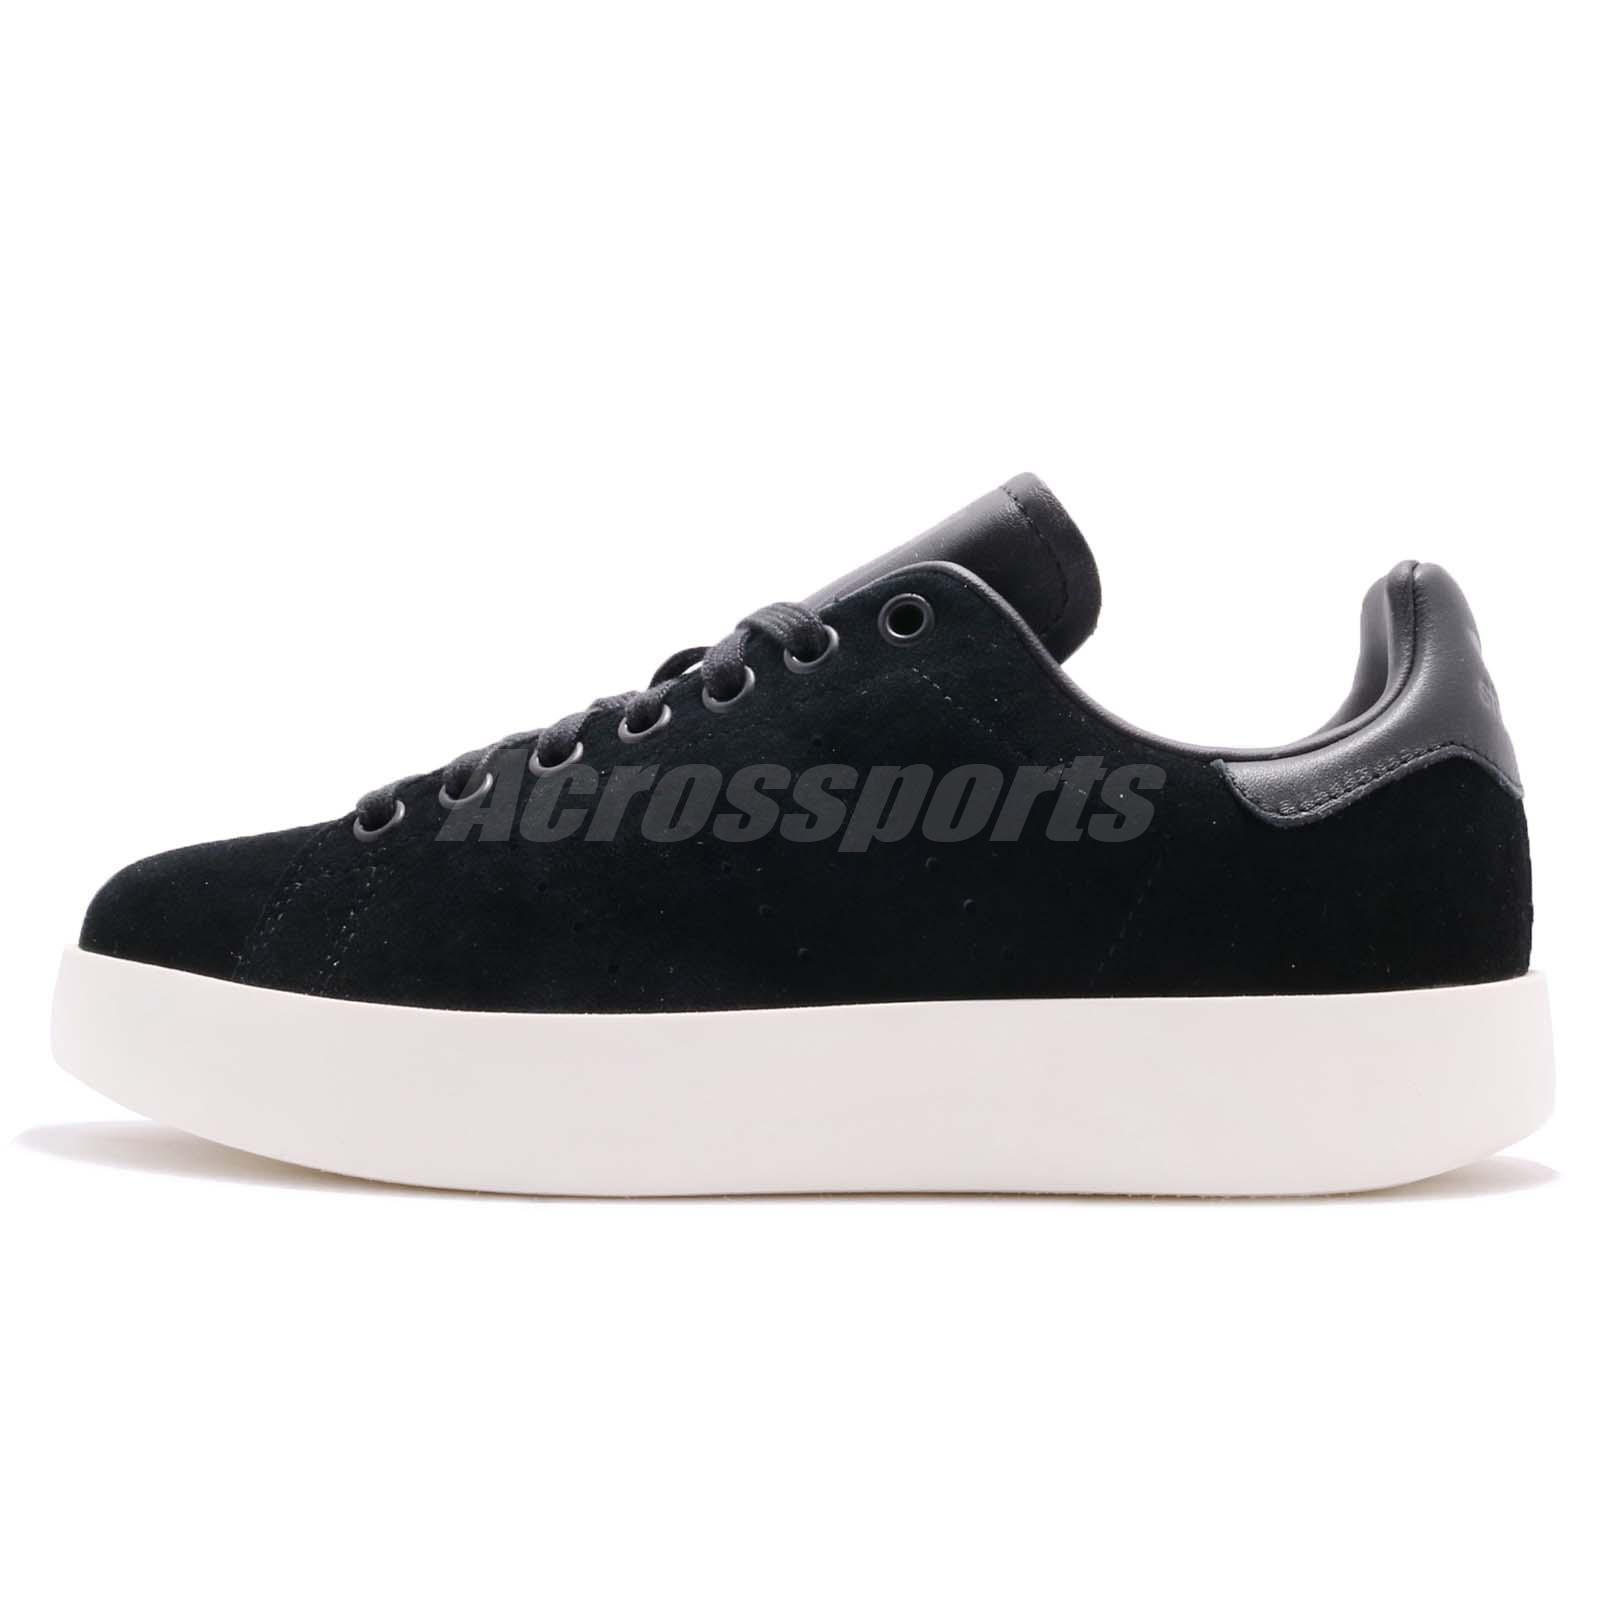 eac2700605e7 adidas Originals Stan Smith Bold W Platform Black White Women Casual Shoe  CG3775